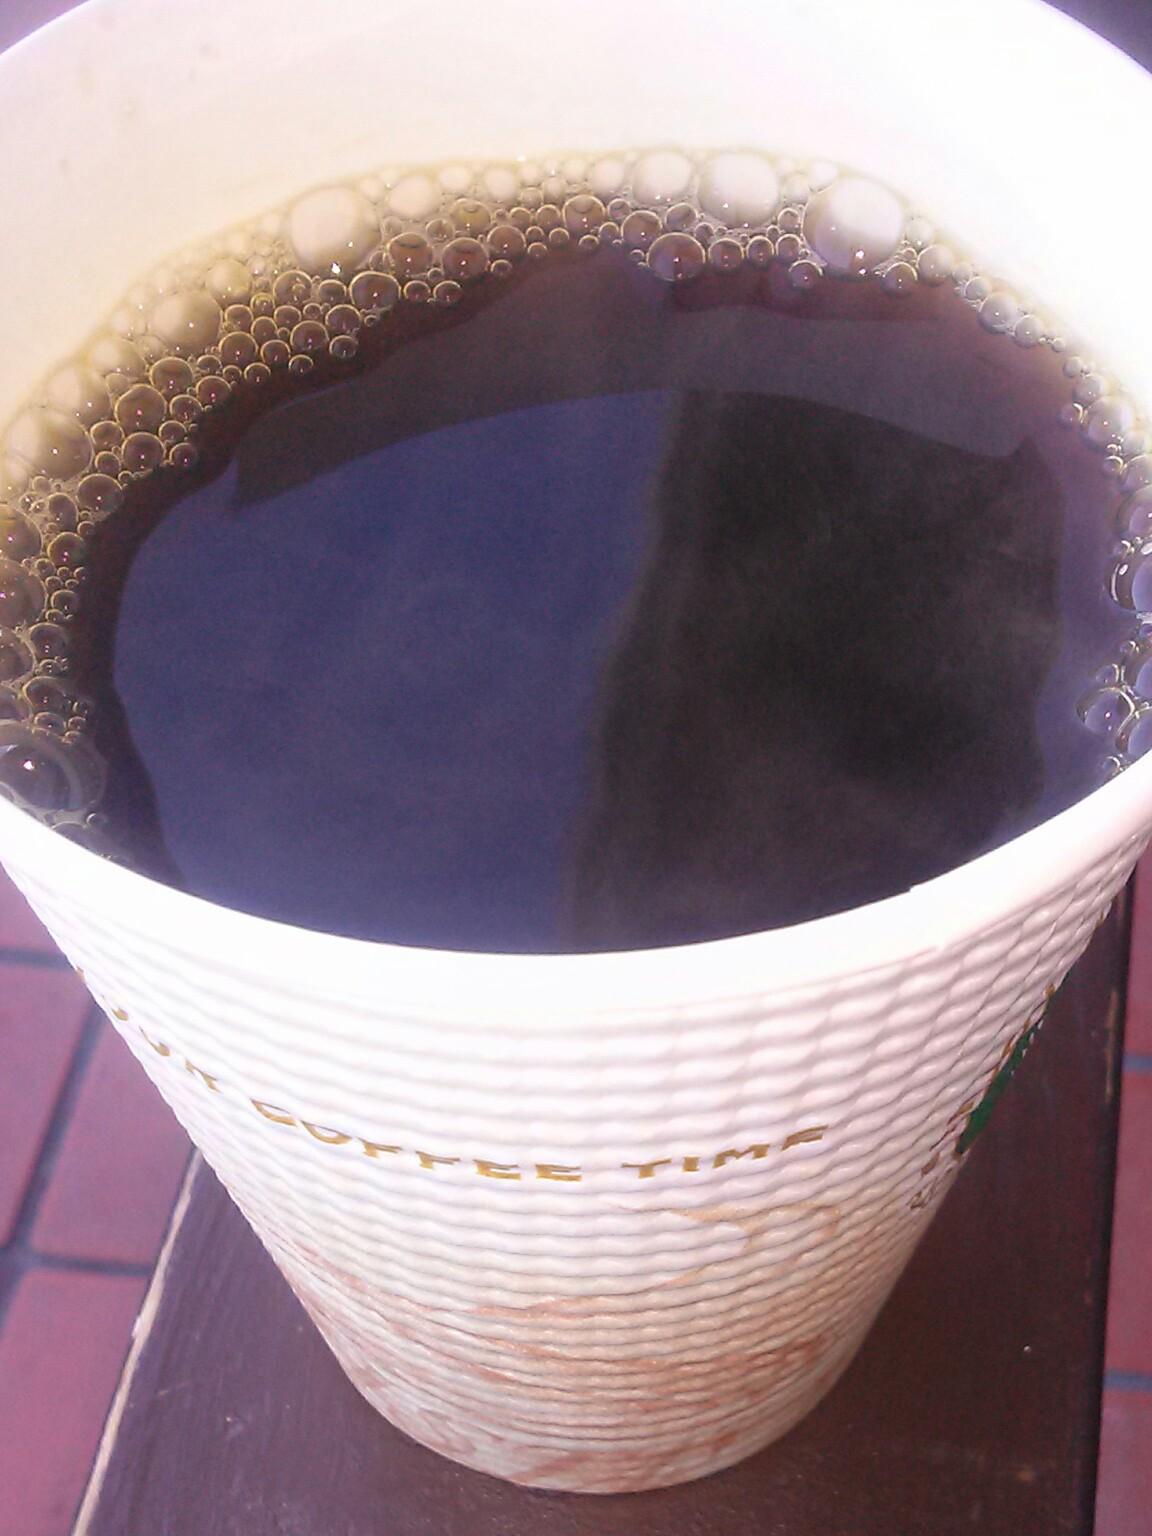 ちょっとだけ贅沢 セブンカフェの珈琲 今日は、ロングでちょっと贅沢 寒い時は、多いとも ...